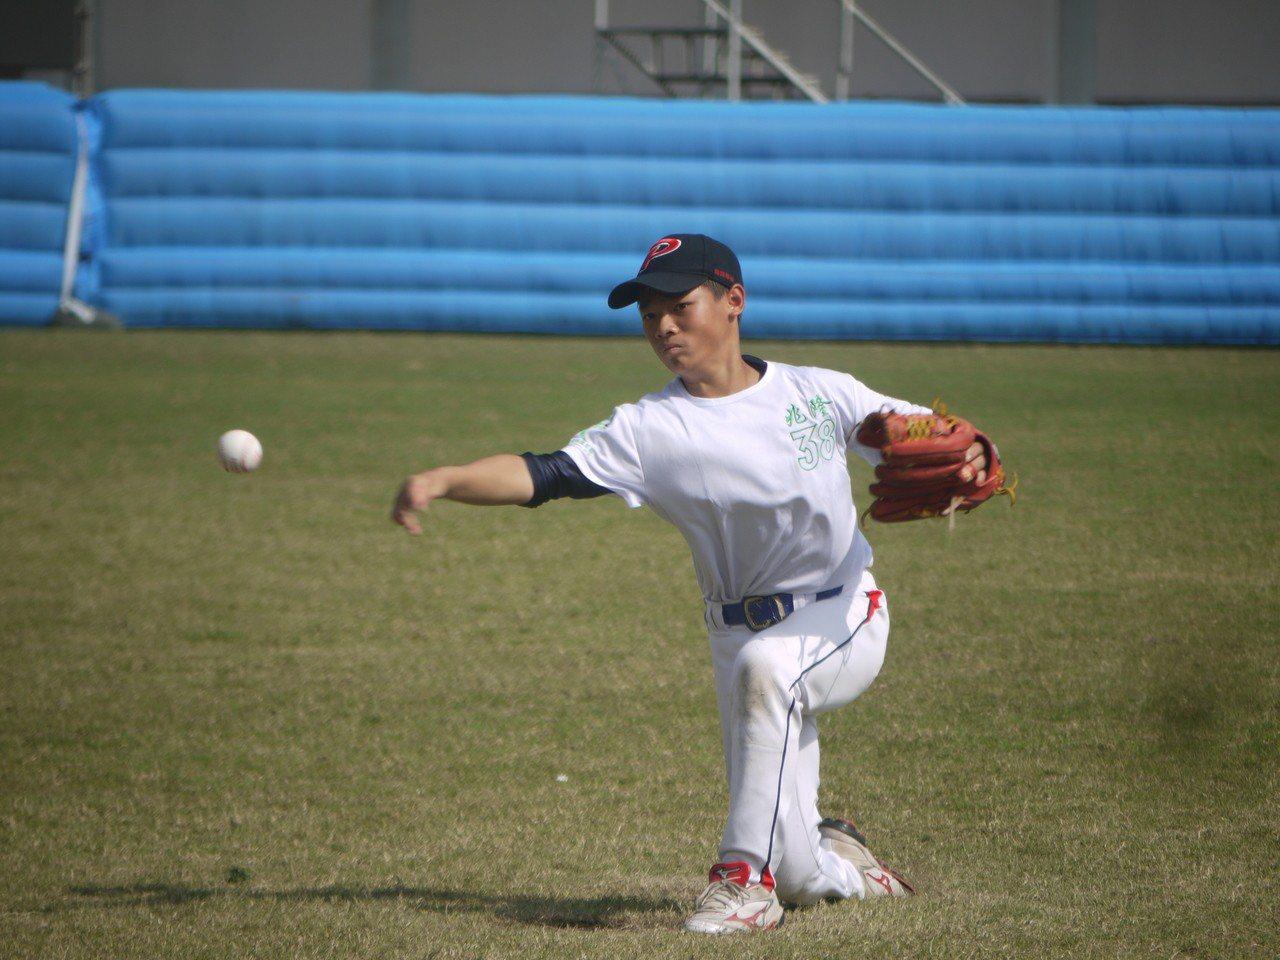 廣東中山市兆隆國小投手楊嘉信是下勾投手。